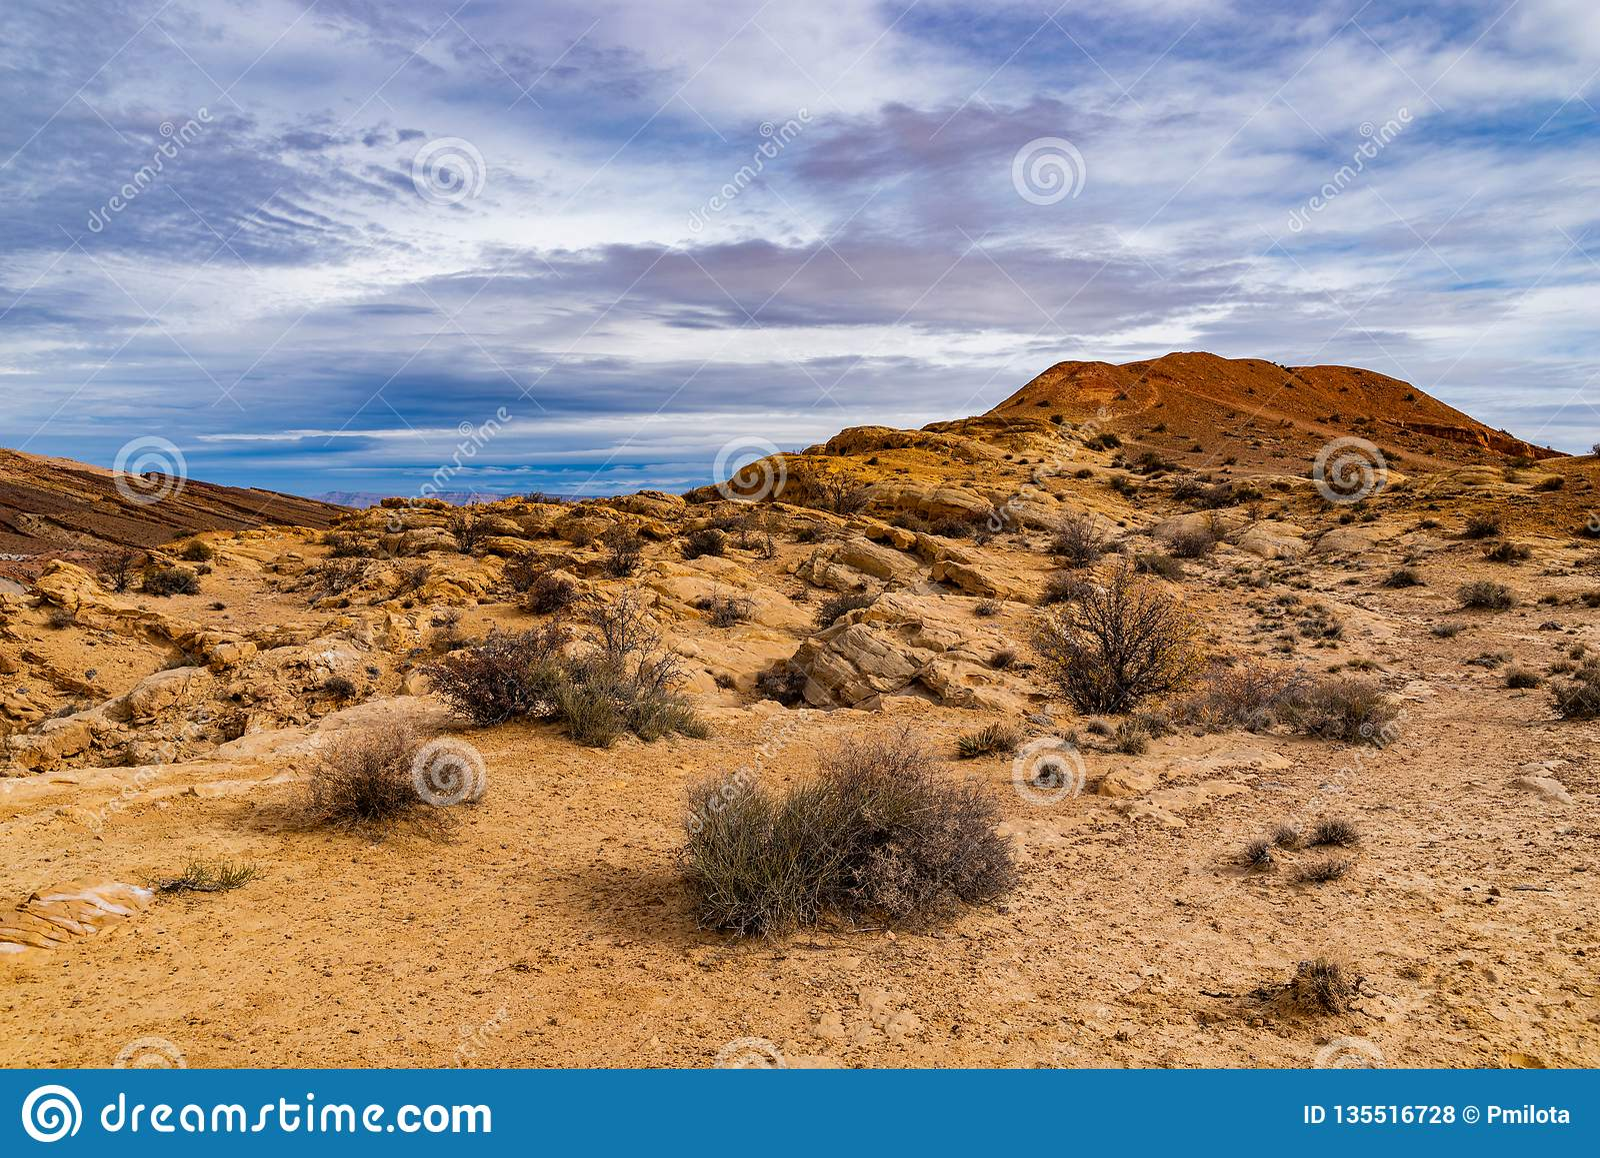 Fugas do deserto do deserto de Utá